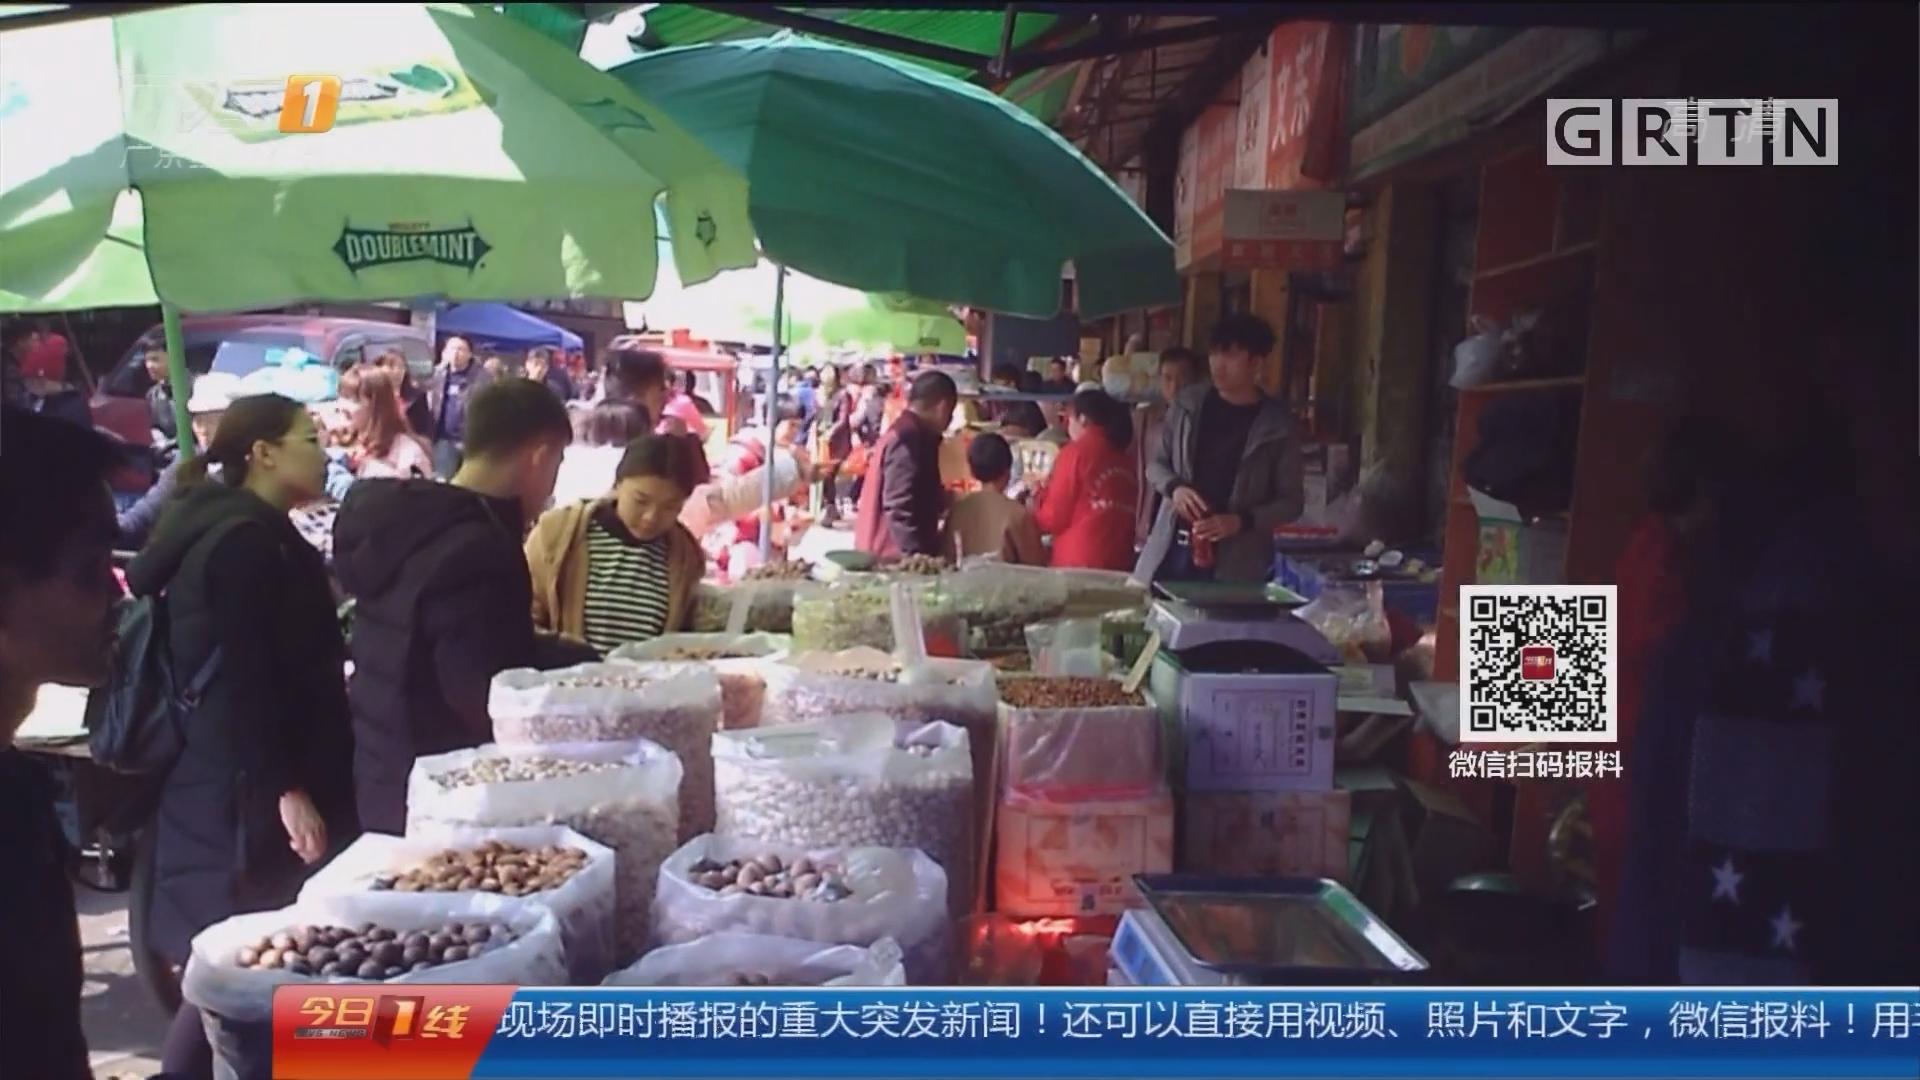 一线调查:年货里的秘密 街坊市场买年货 回来发现短斤少两